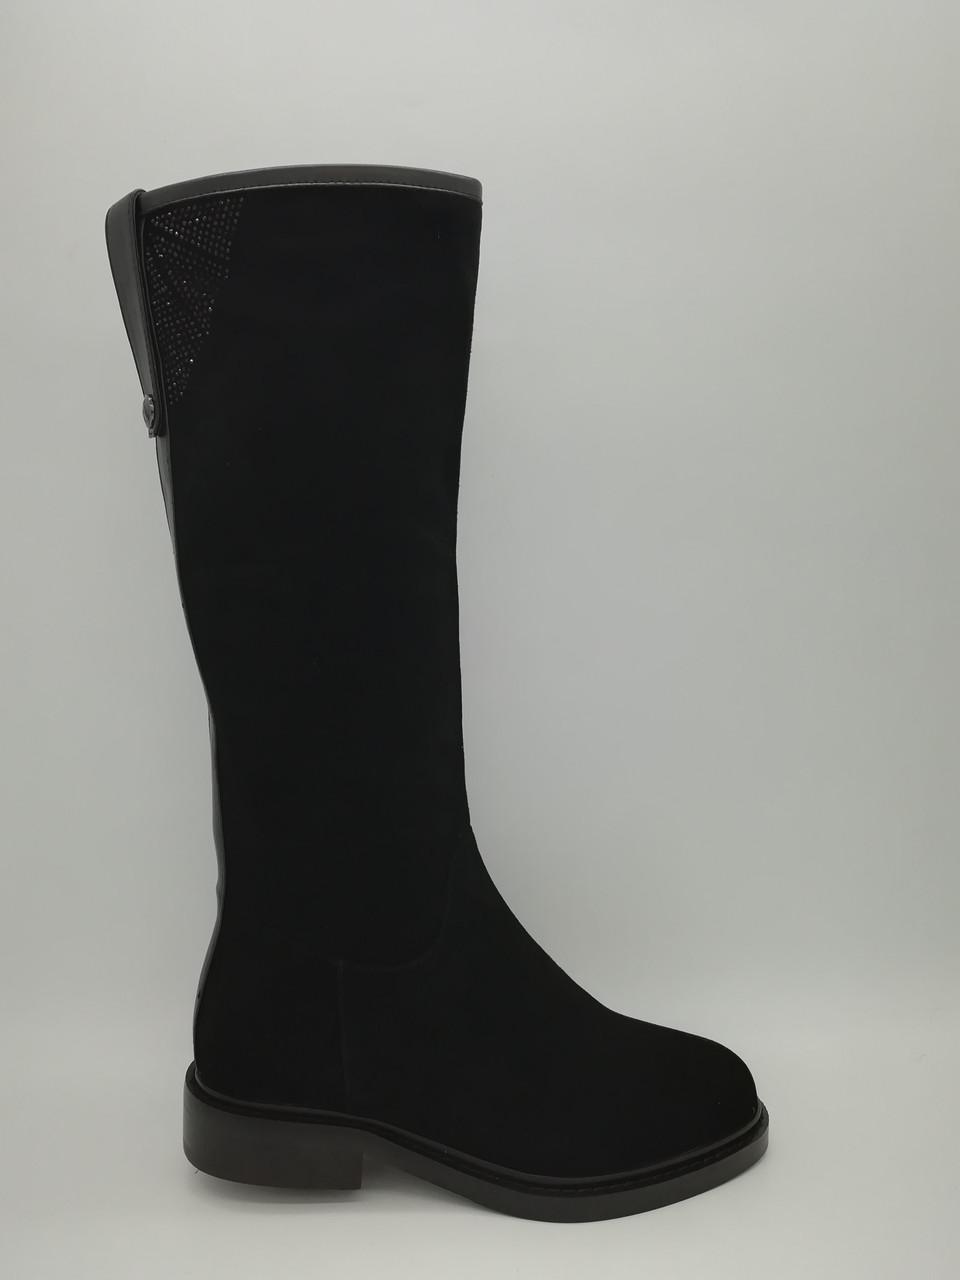 Чорні замшеві зимові чоботи. Маленькі розміри (33-35).